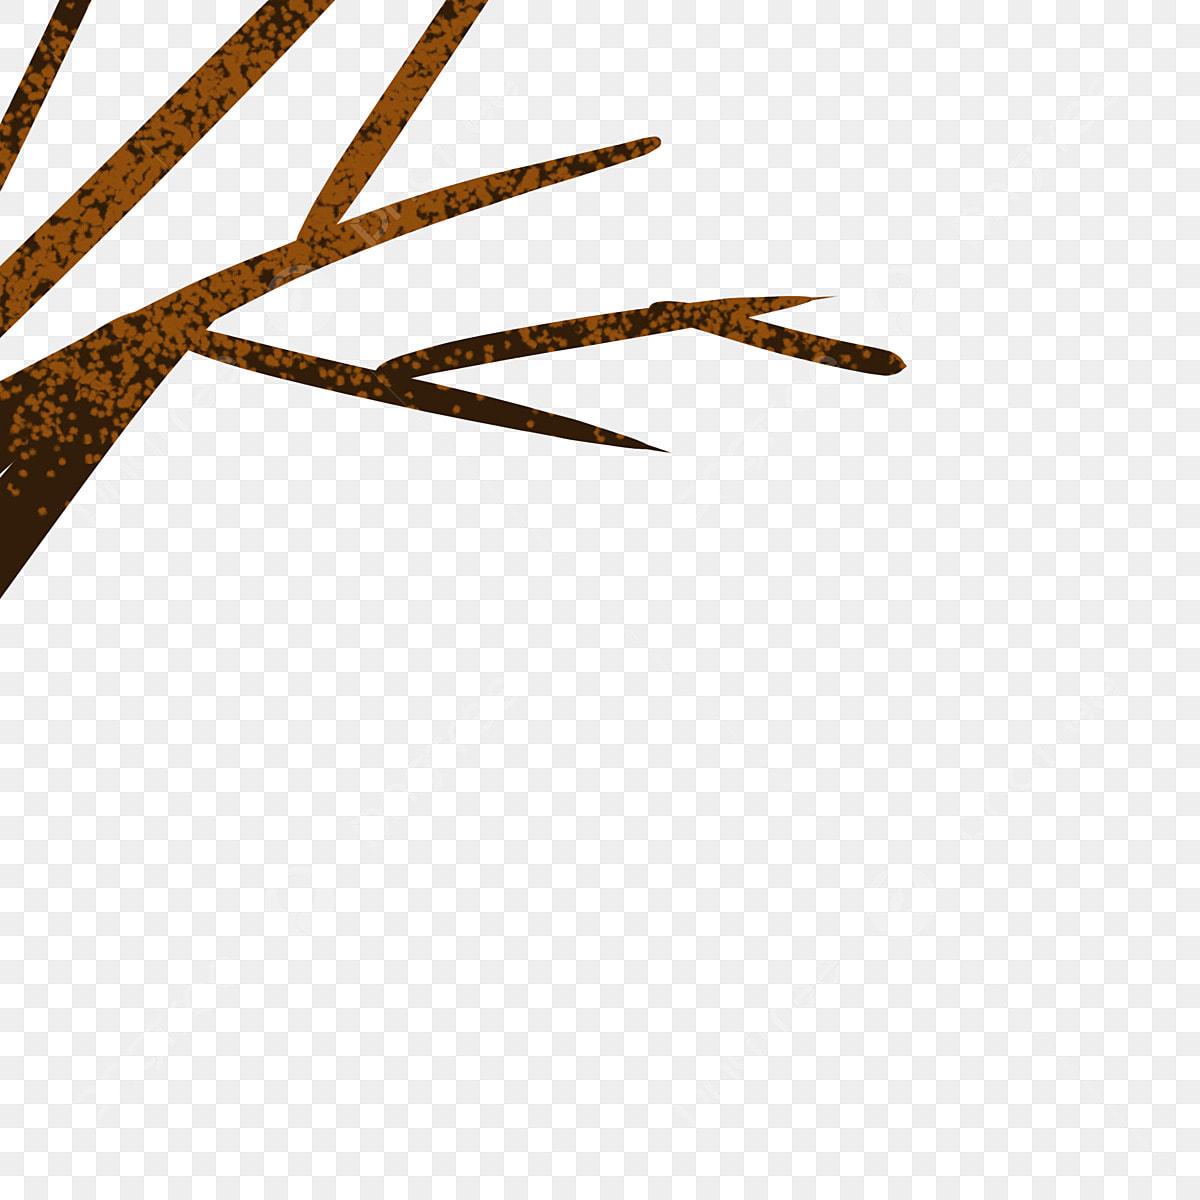 Branches De Plantes Rameaux De Dessin Anime Plantes Vertes Ecologie Verte Plantation De Plantes De Dessin Anime Illustration De Dessin Anime Gratuite Fichier Png Et Psd Pour Le Telechargement Libre